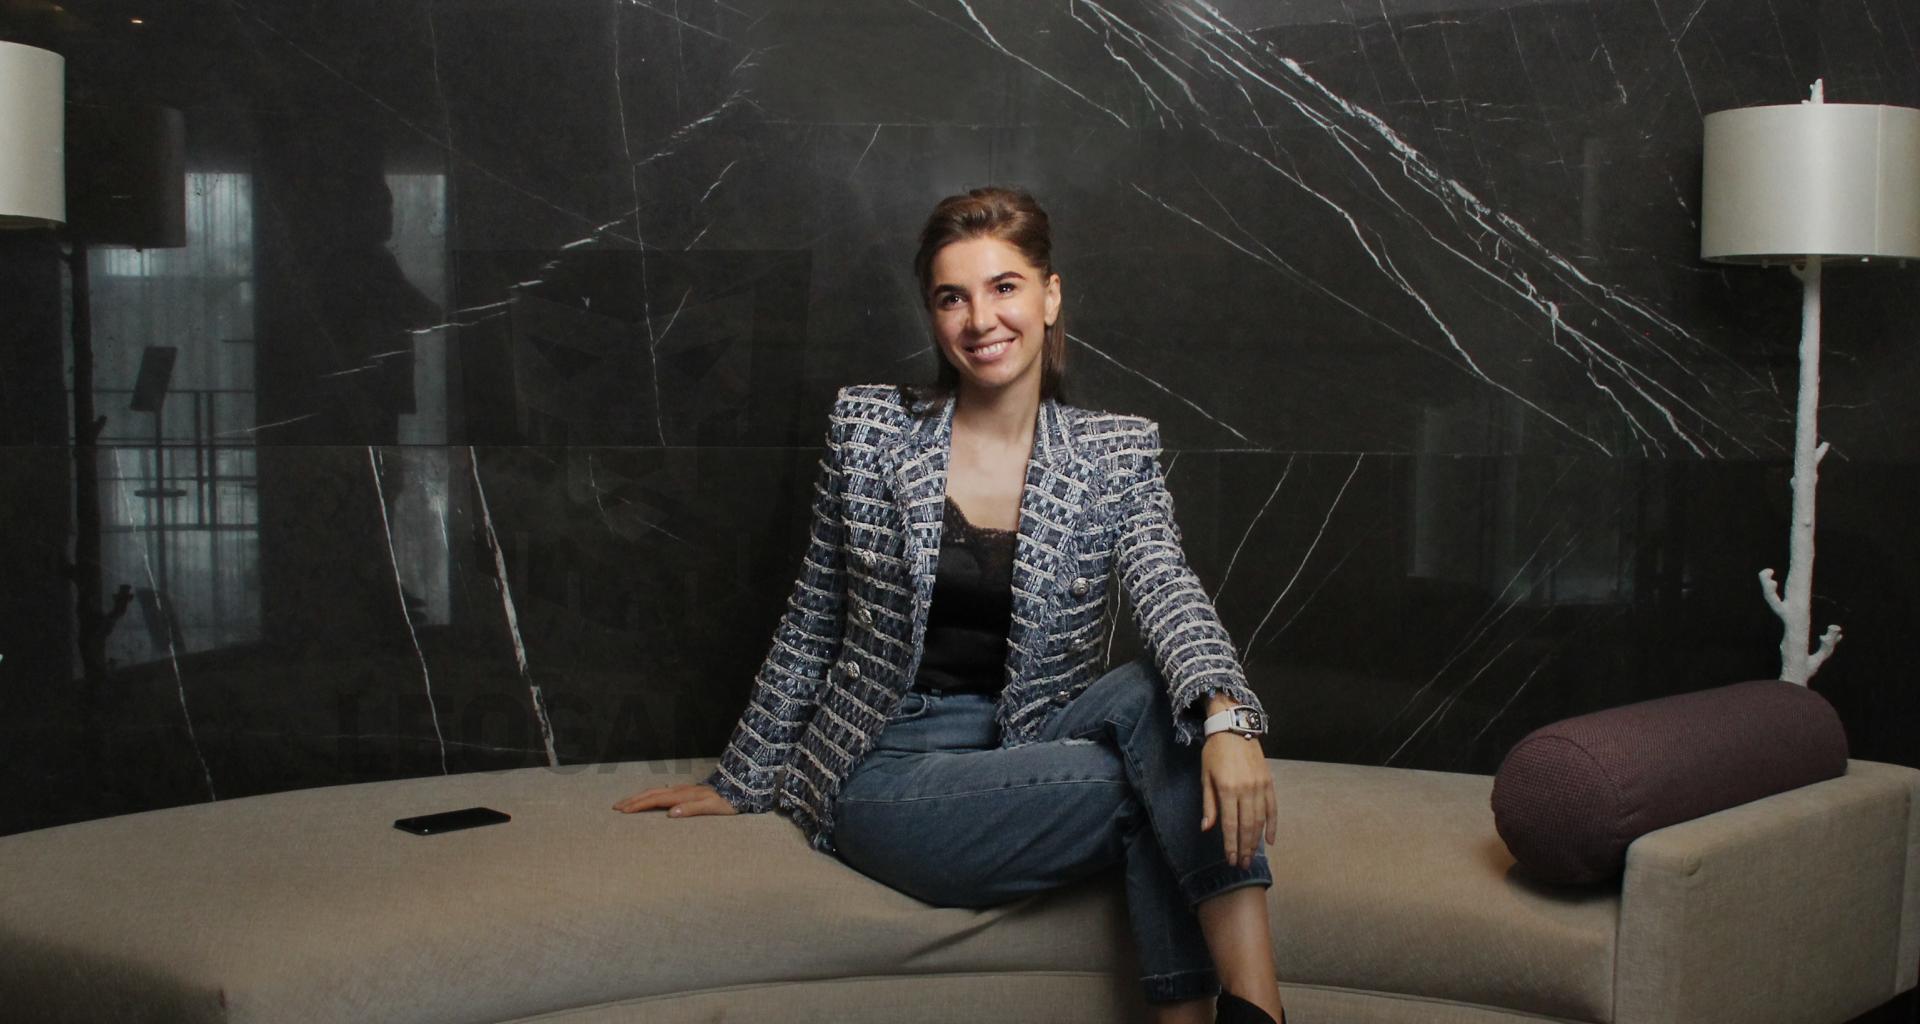 О новых возможностях после коронакризиса и будущем приема платежей: интервью с CEO LeoGaming Аленой Дегрик Шевцовой